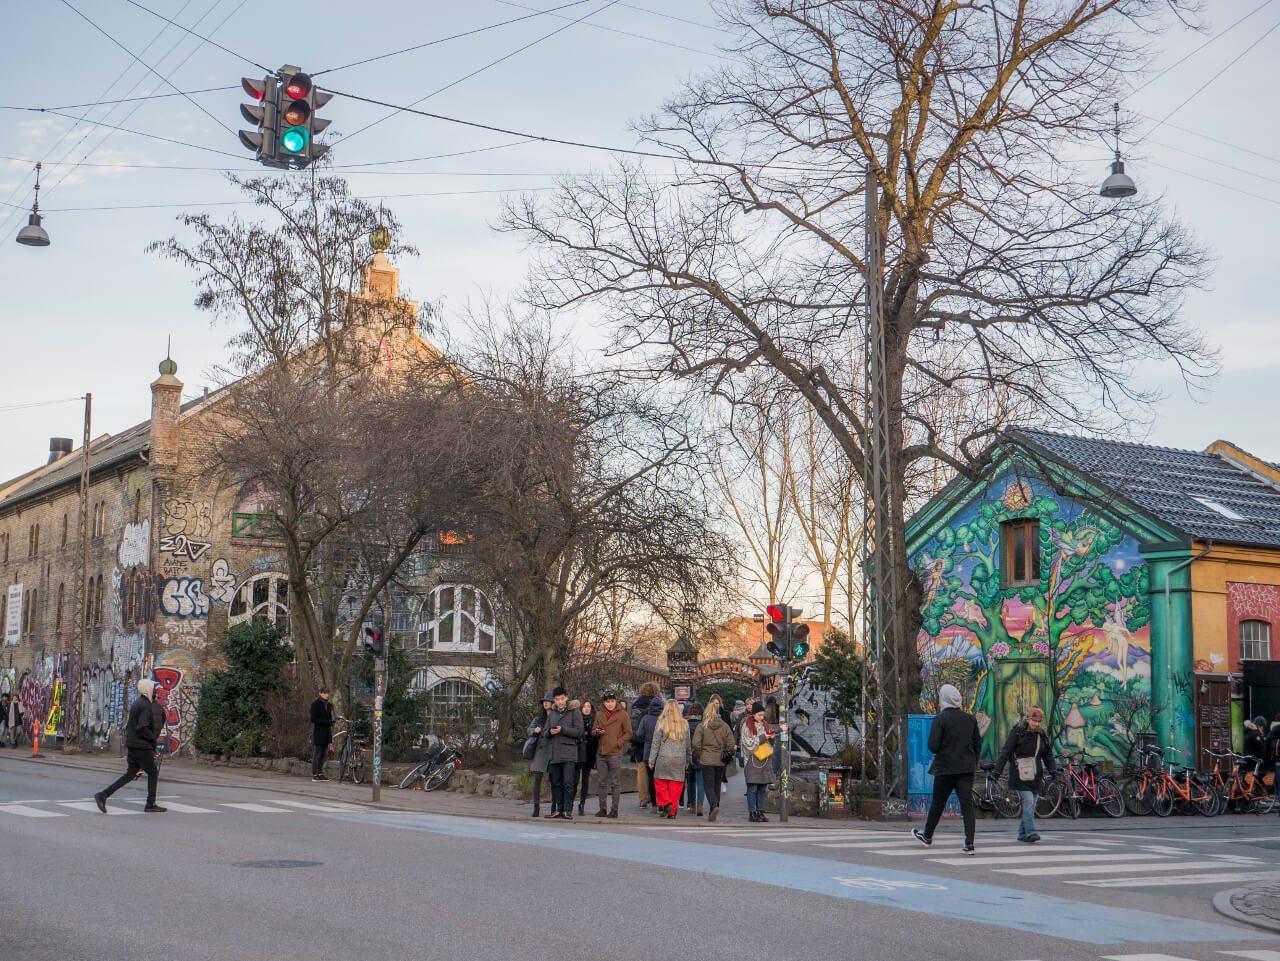 Zwiedzanie Kopenhagi - wejście do dzielnicy Christiania